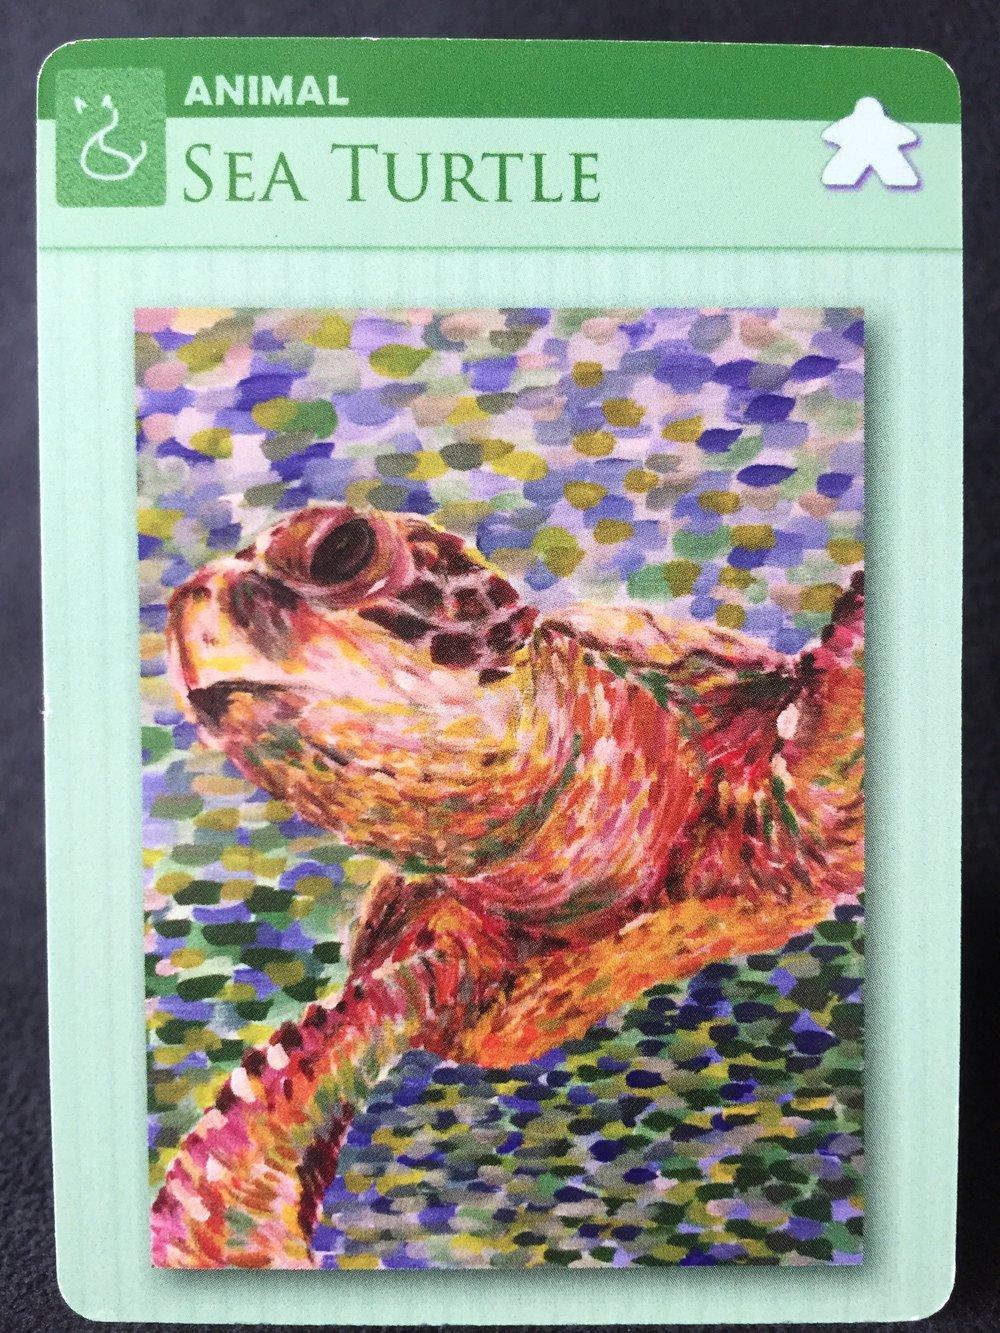 animal sea turtle.jpeg